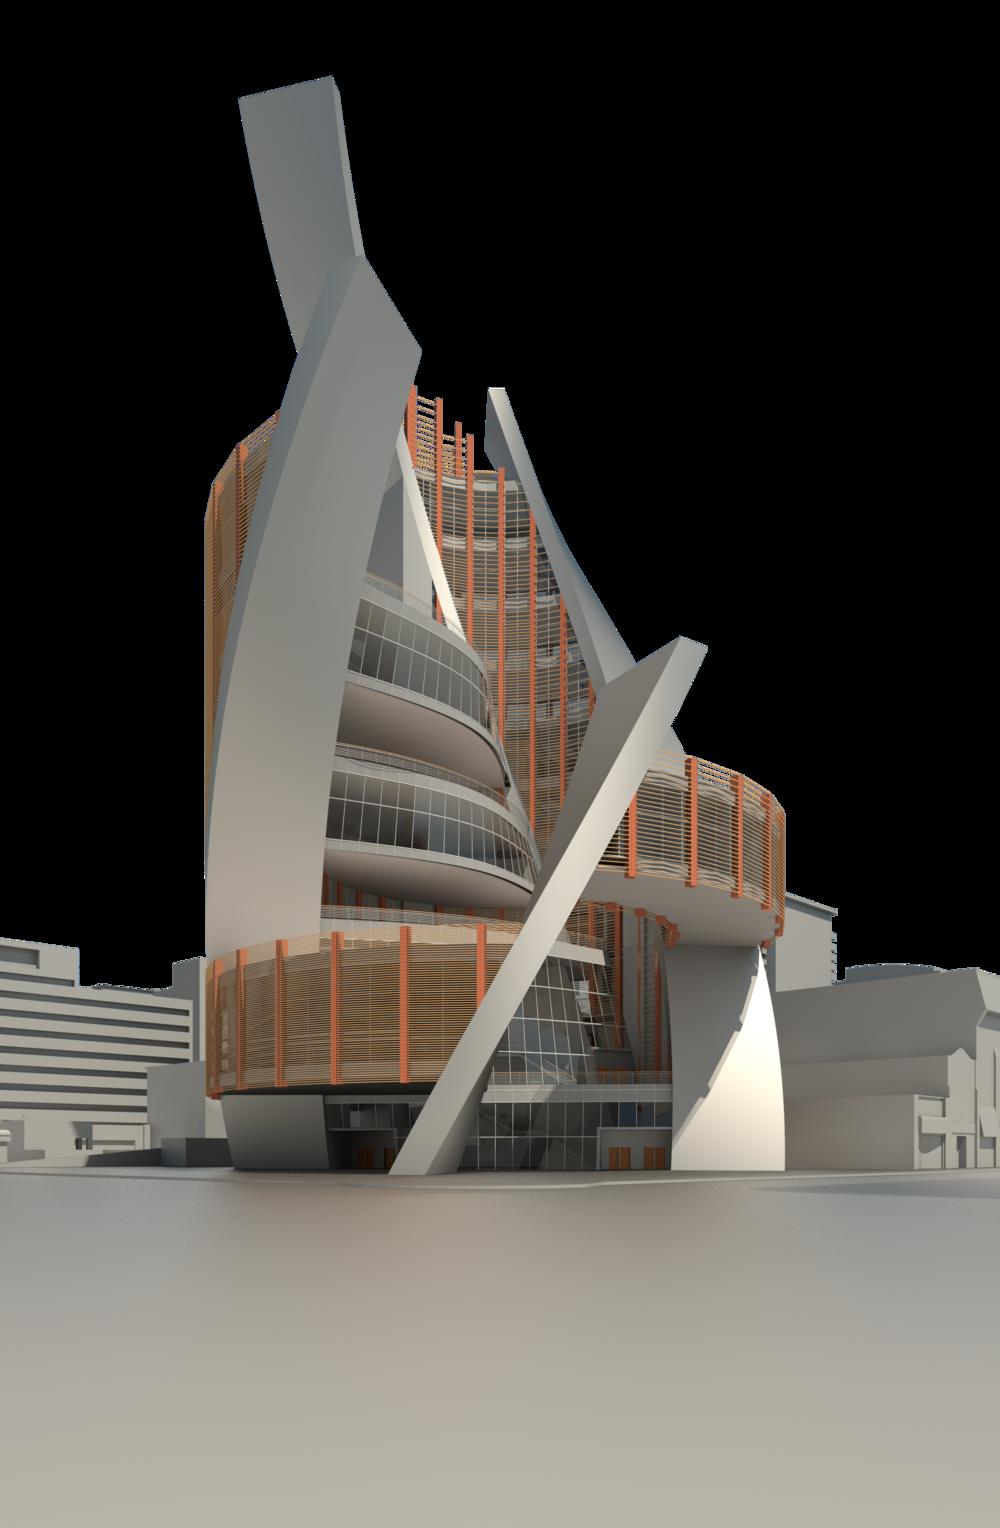 model.rvt_2013-Dec-12_12-47-30AM-000_3D_View_13 (1).png